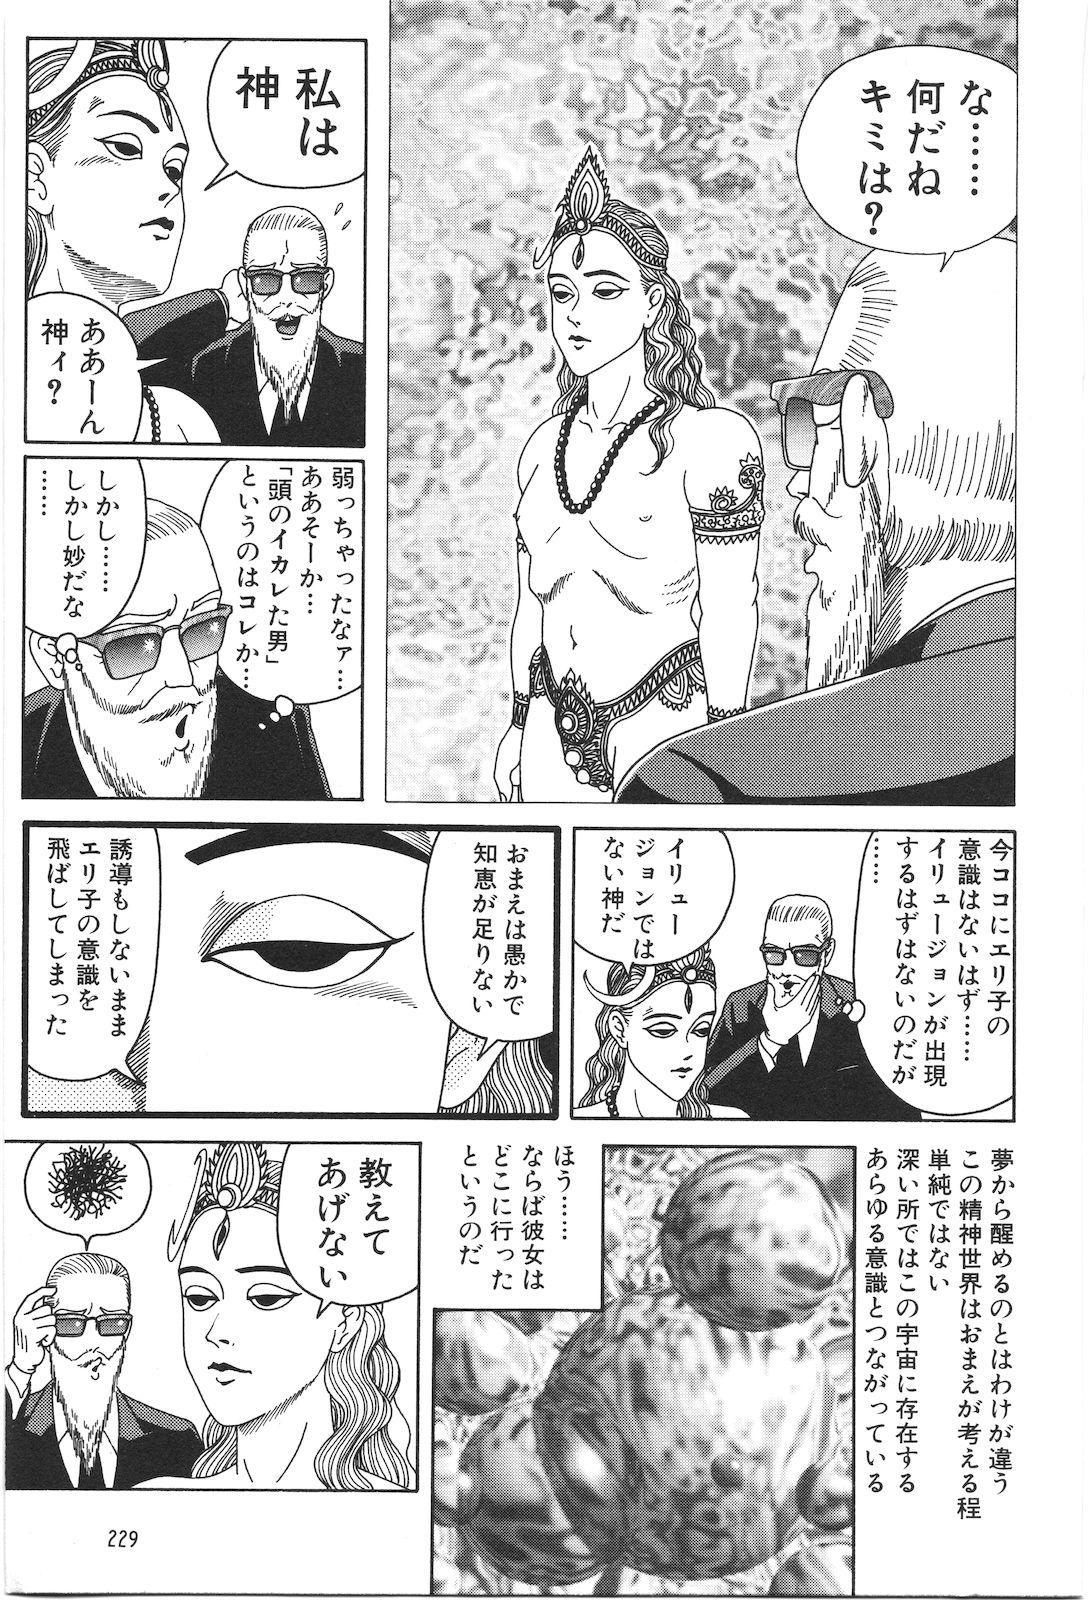 Dobusarai Gekijou 230